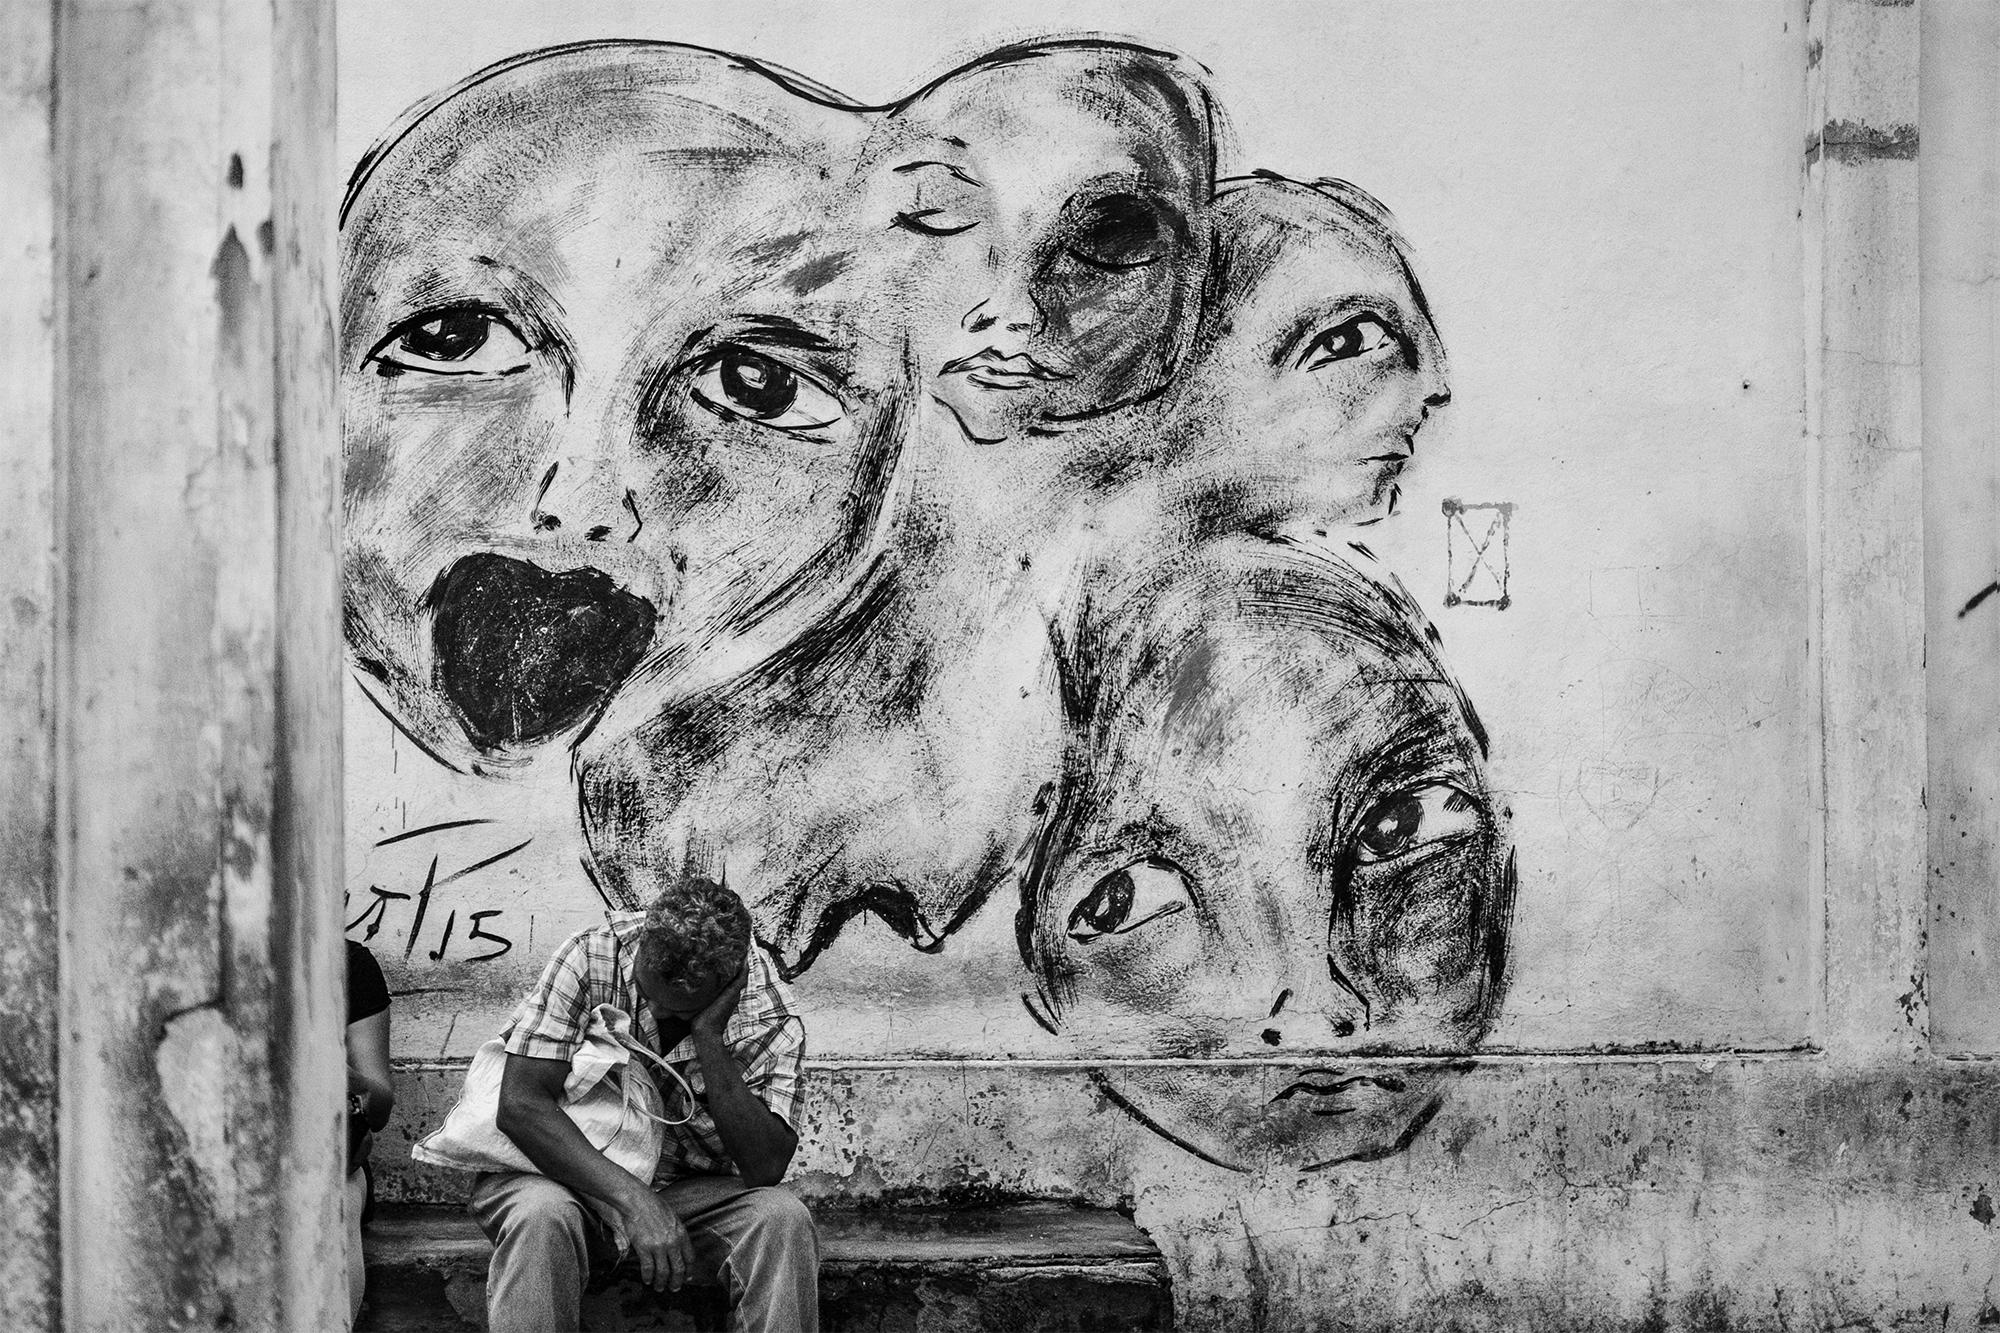 Cuba_2018_portrait_01.jpg